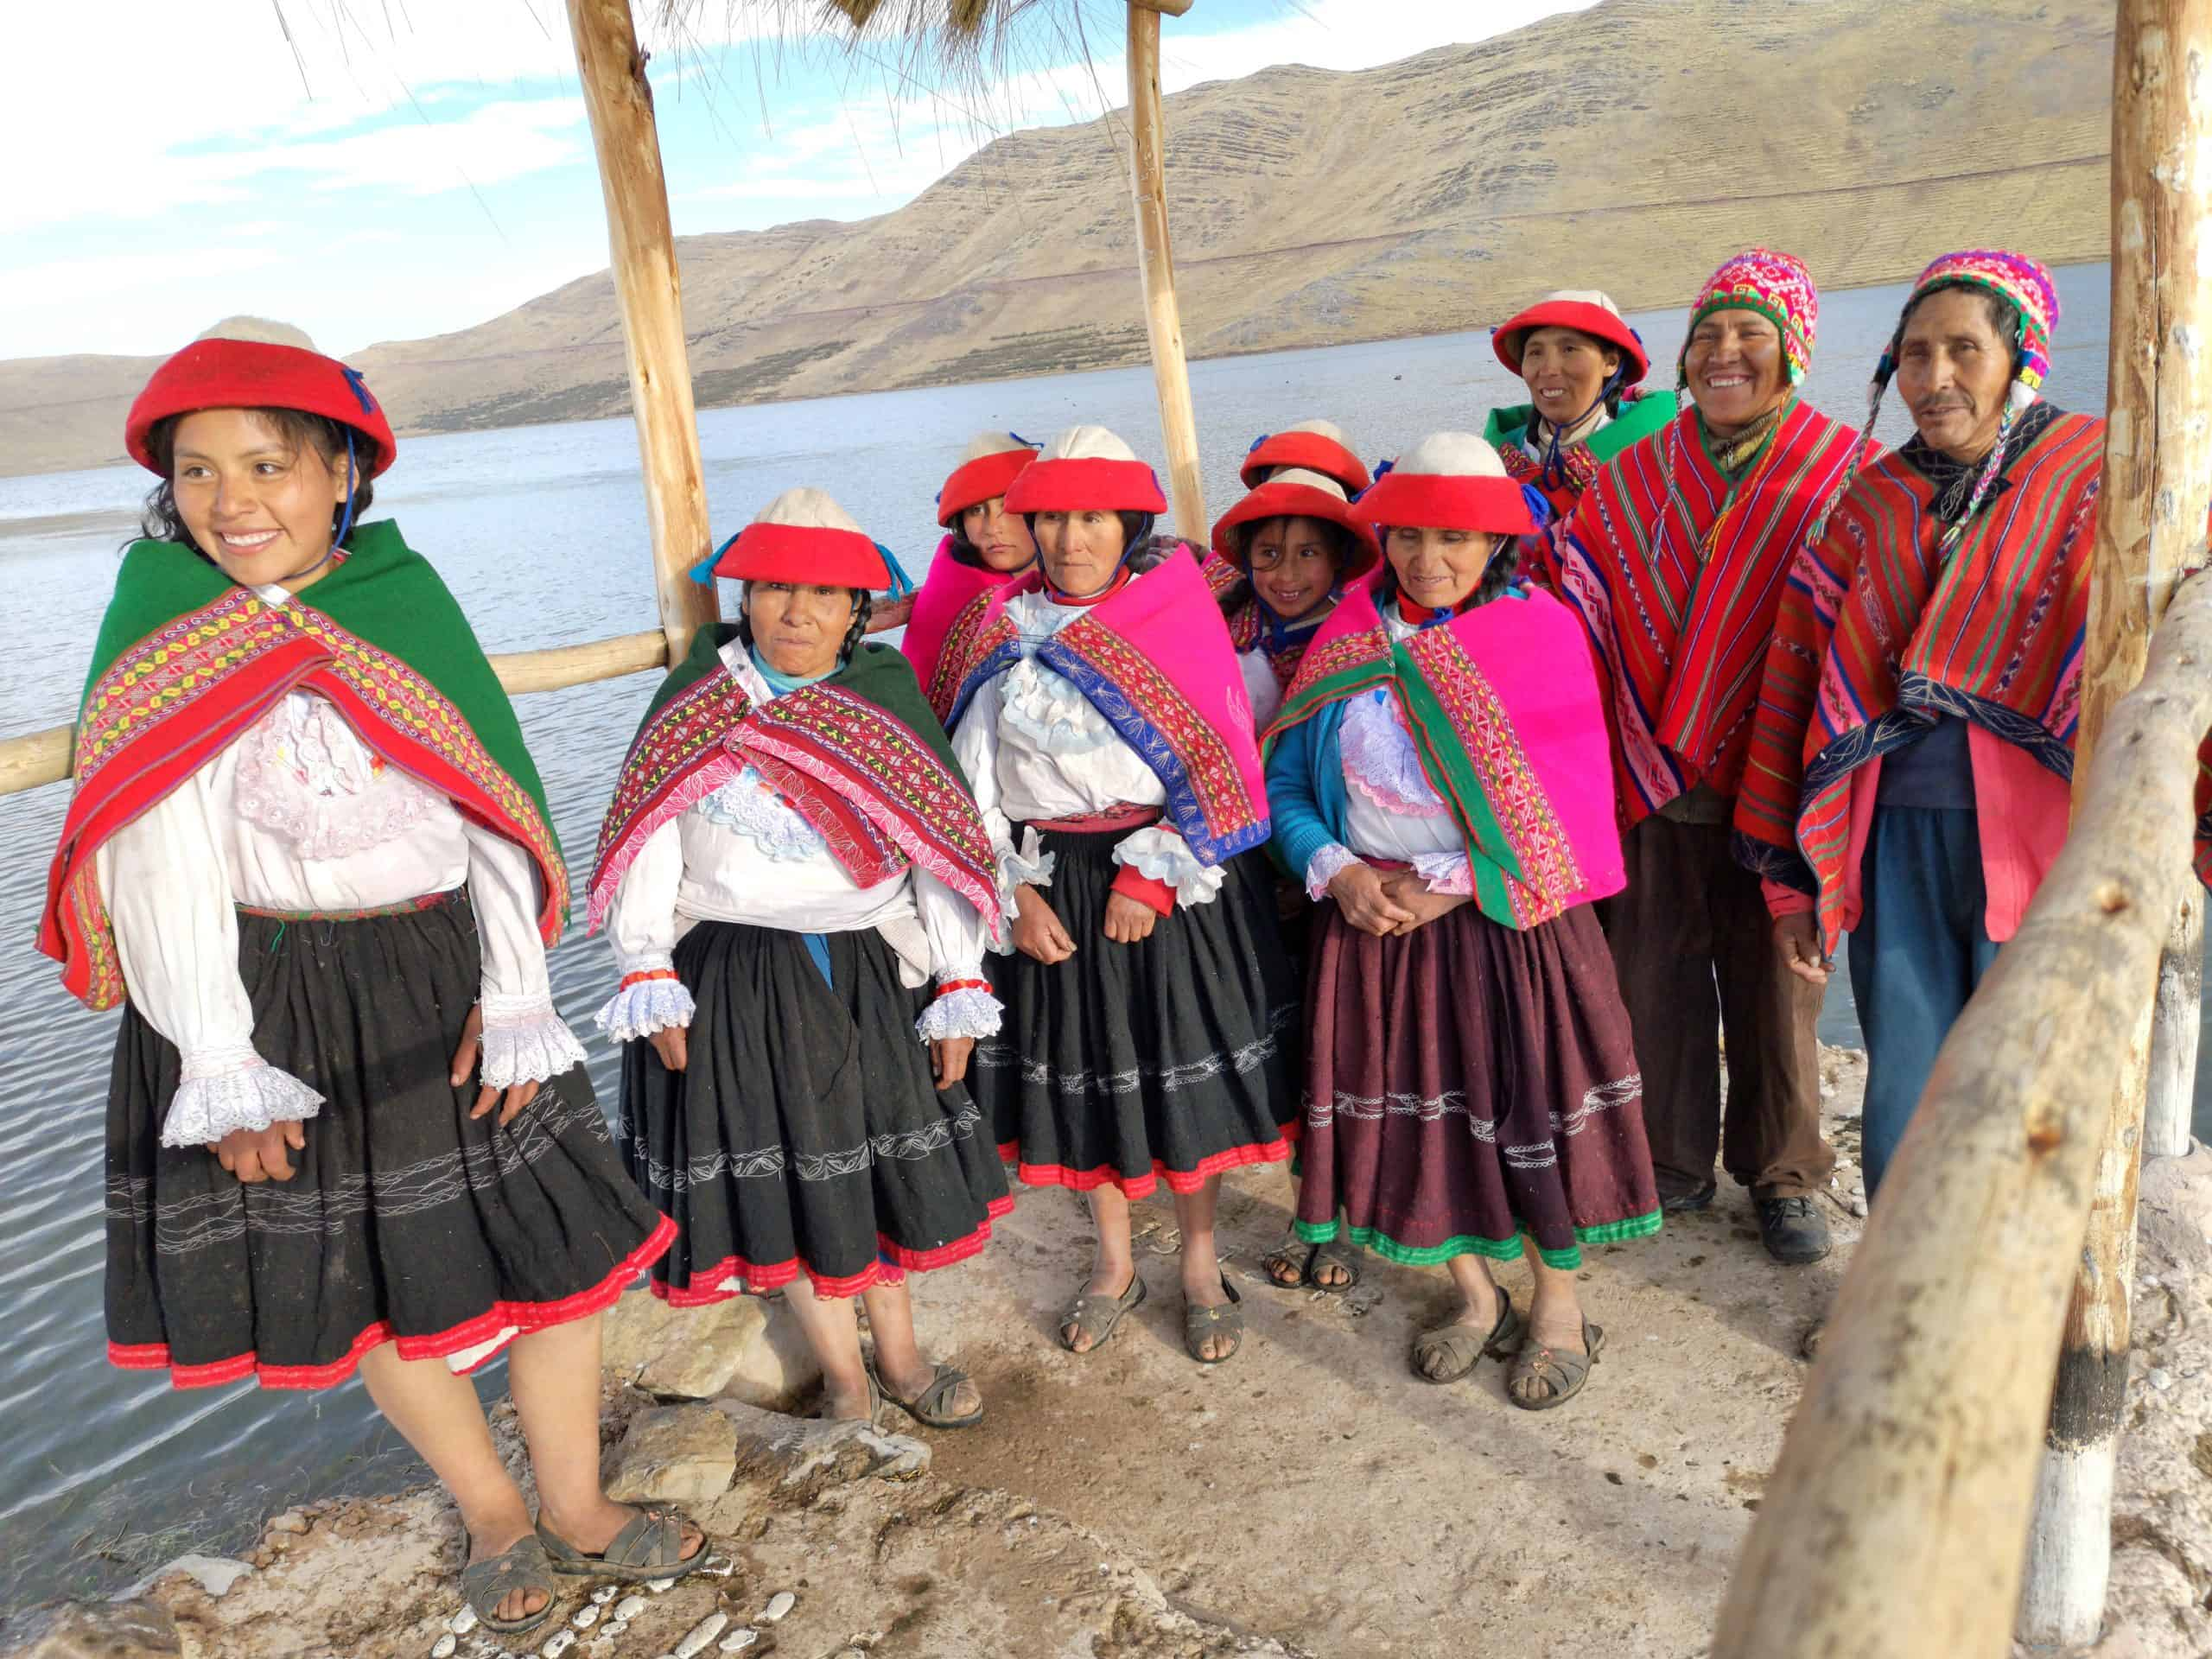 Szlaki Inków w Cuscoi nocleg w andyjskiej społeczności